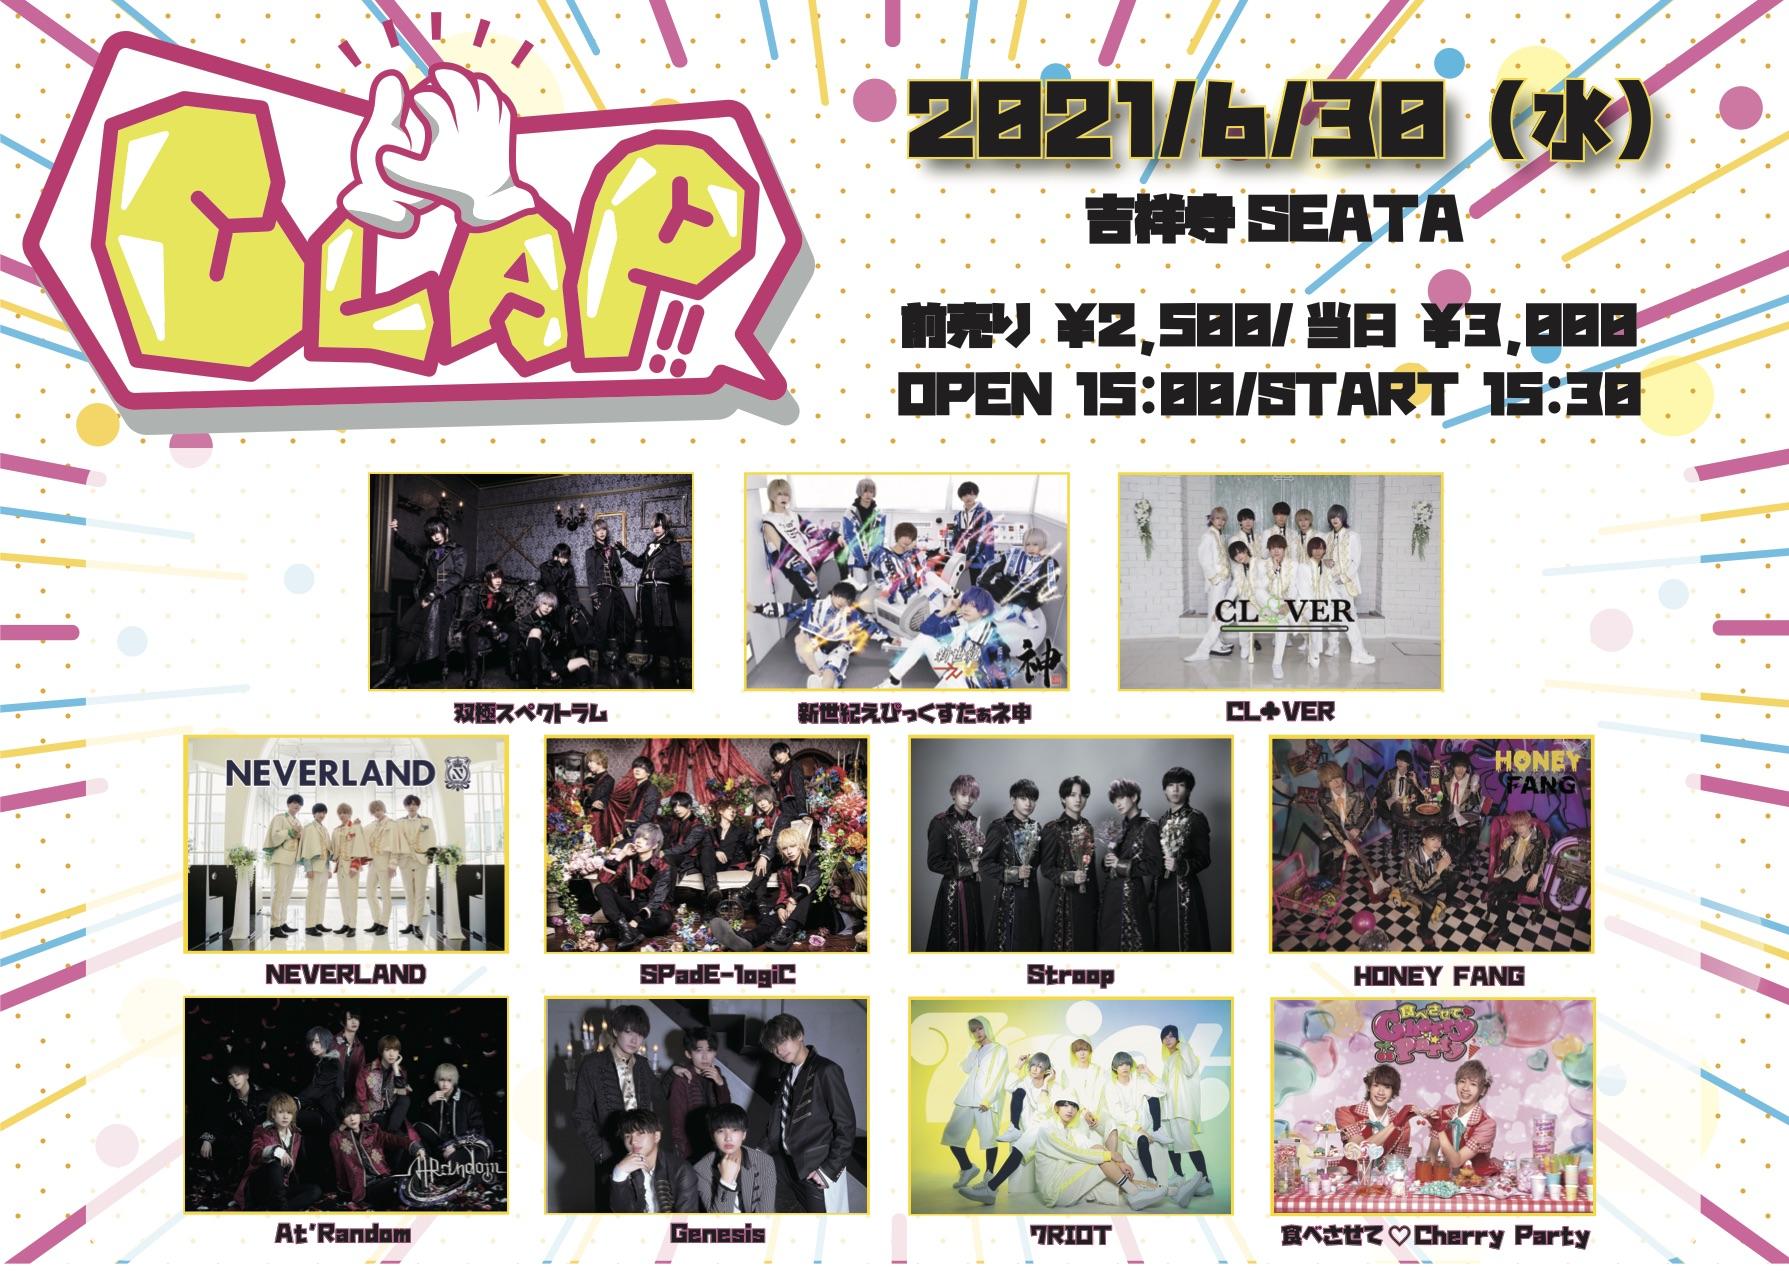 CLAP!! vol.1